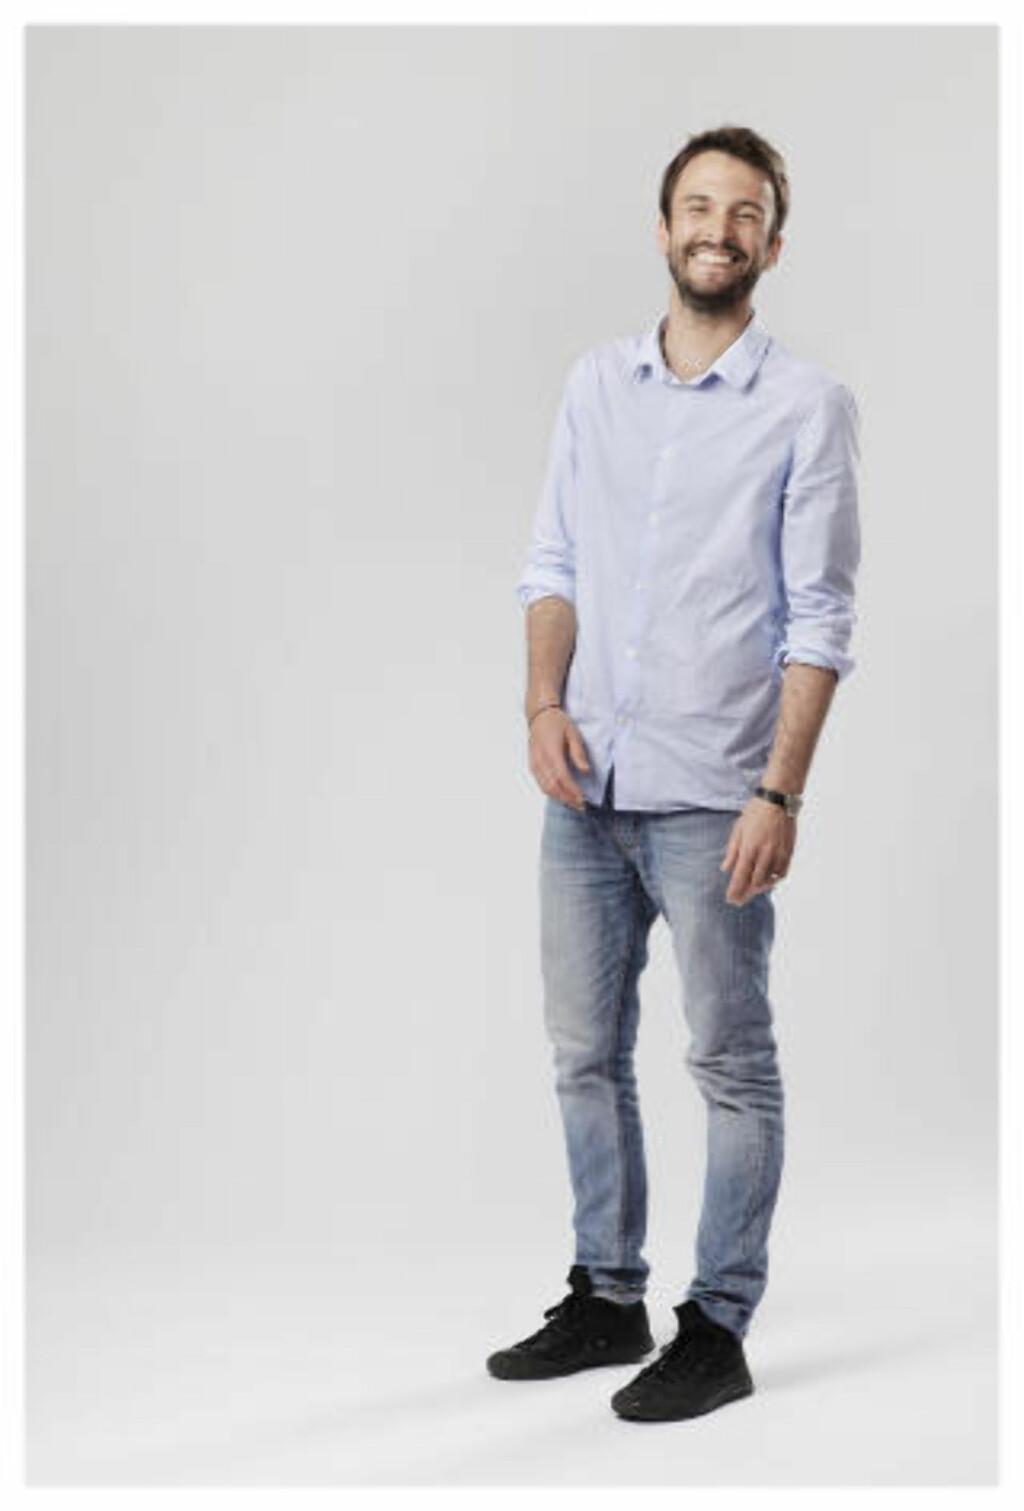 Programleder: Kåre Magnus Bergh gjør en strålende jobb i Stjernekamp. Pressefoto: NRK